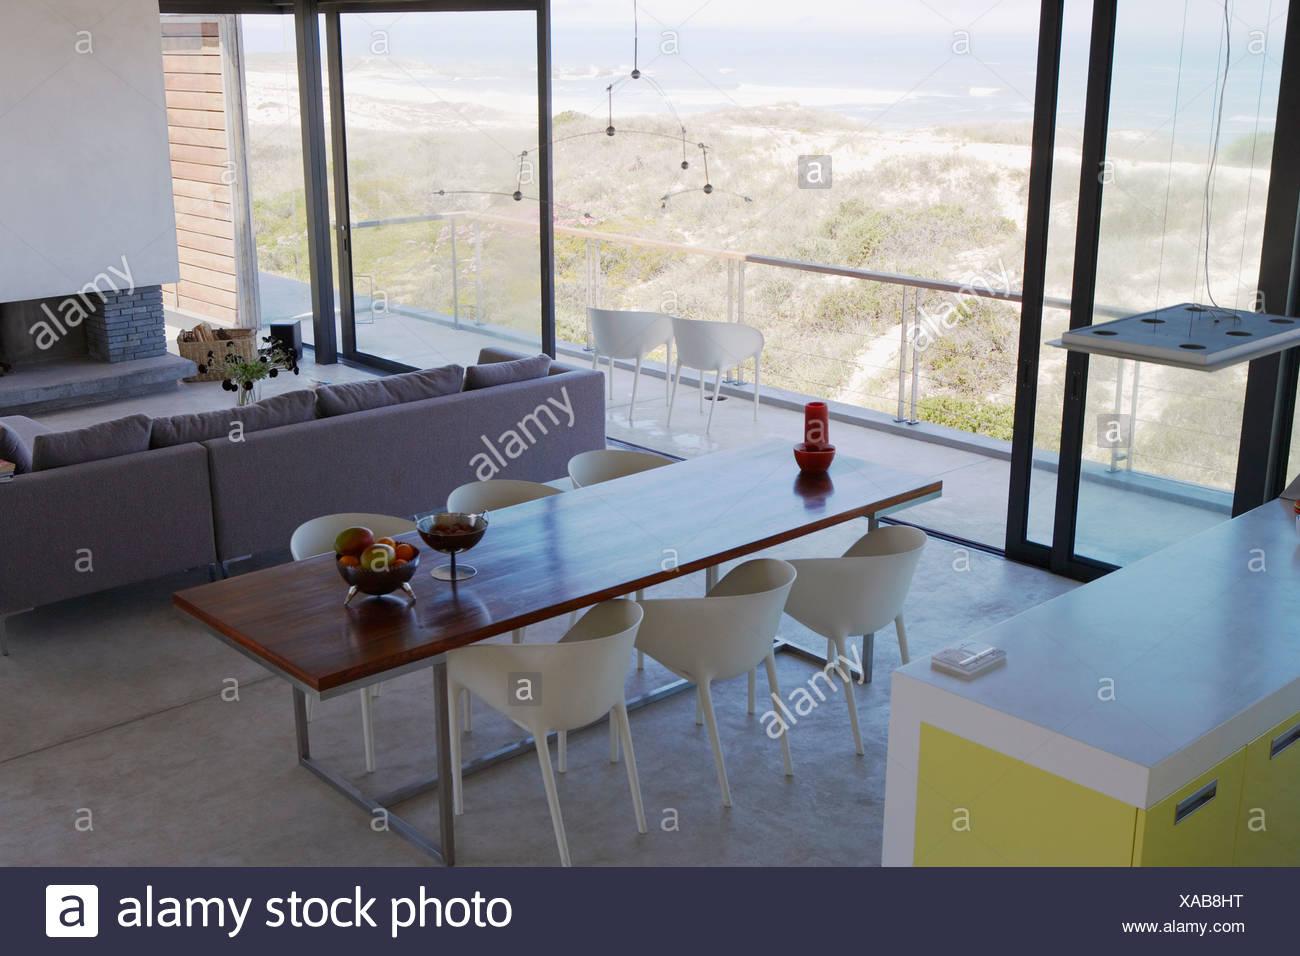 Soggiorno e sala da pranzo con grandi finestre e vista di sabbia e ...